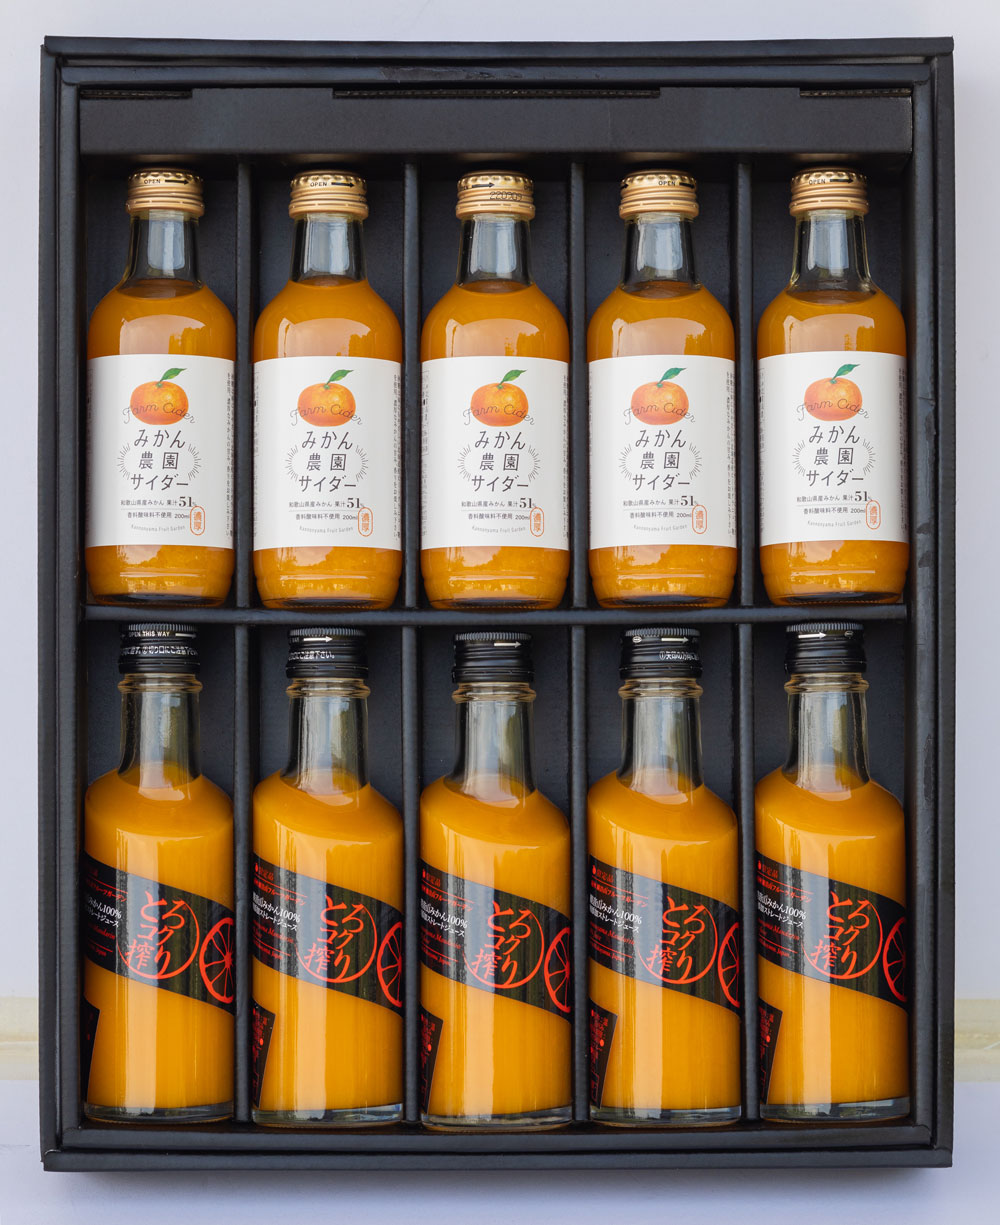 みかん果汁サイダー